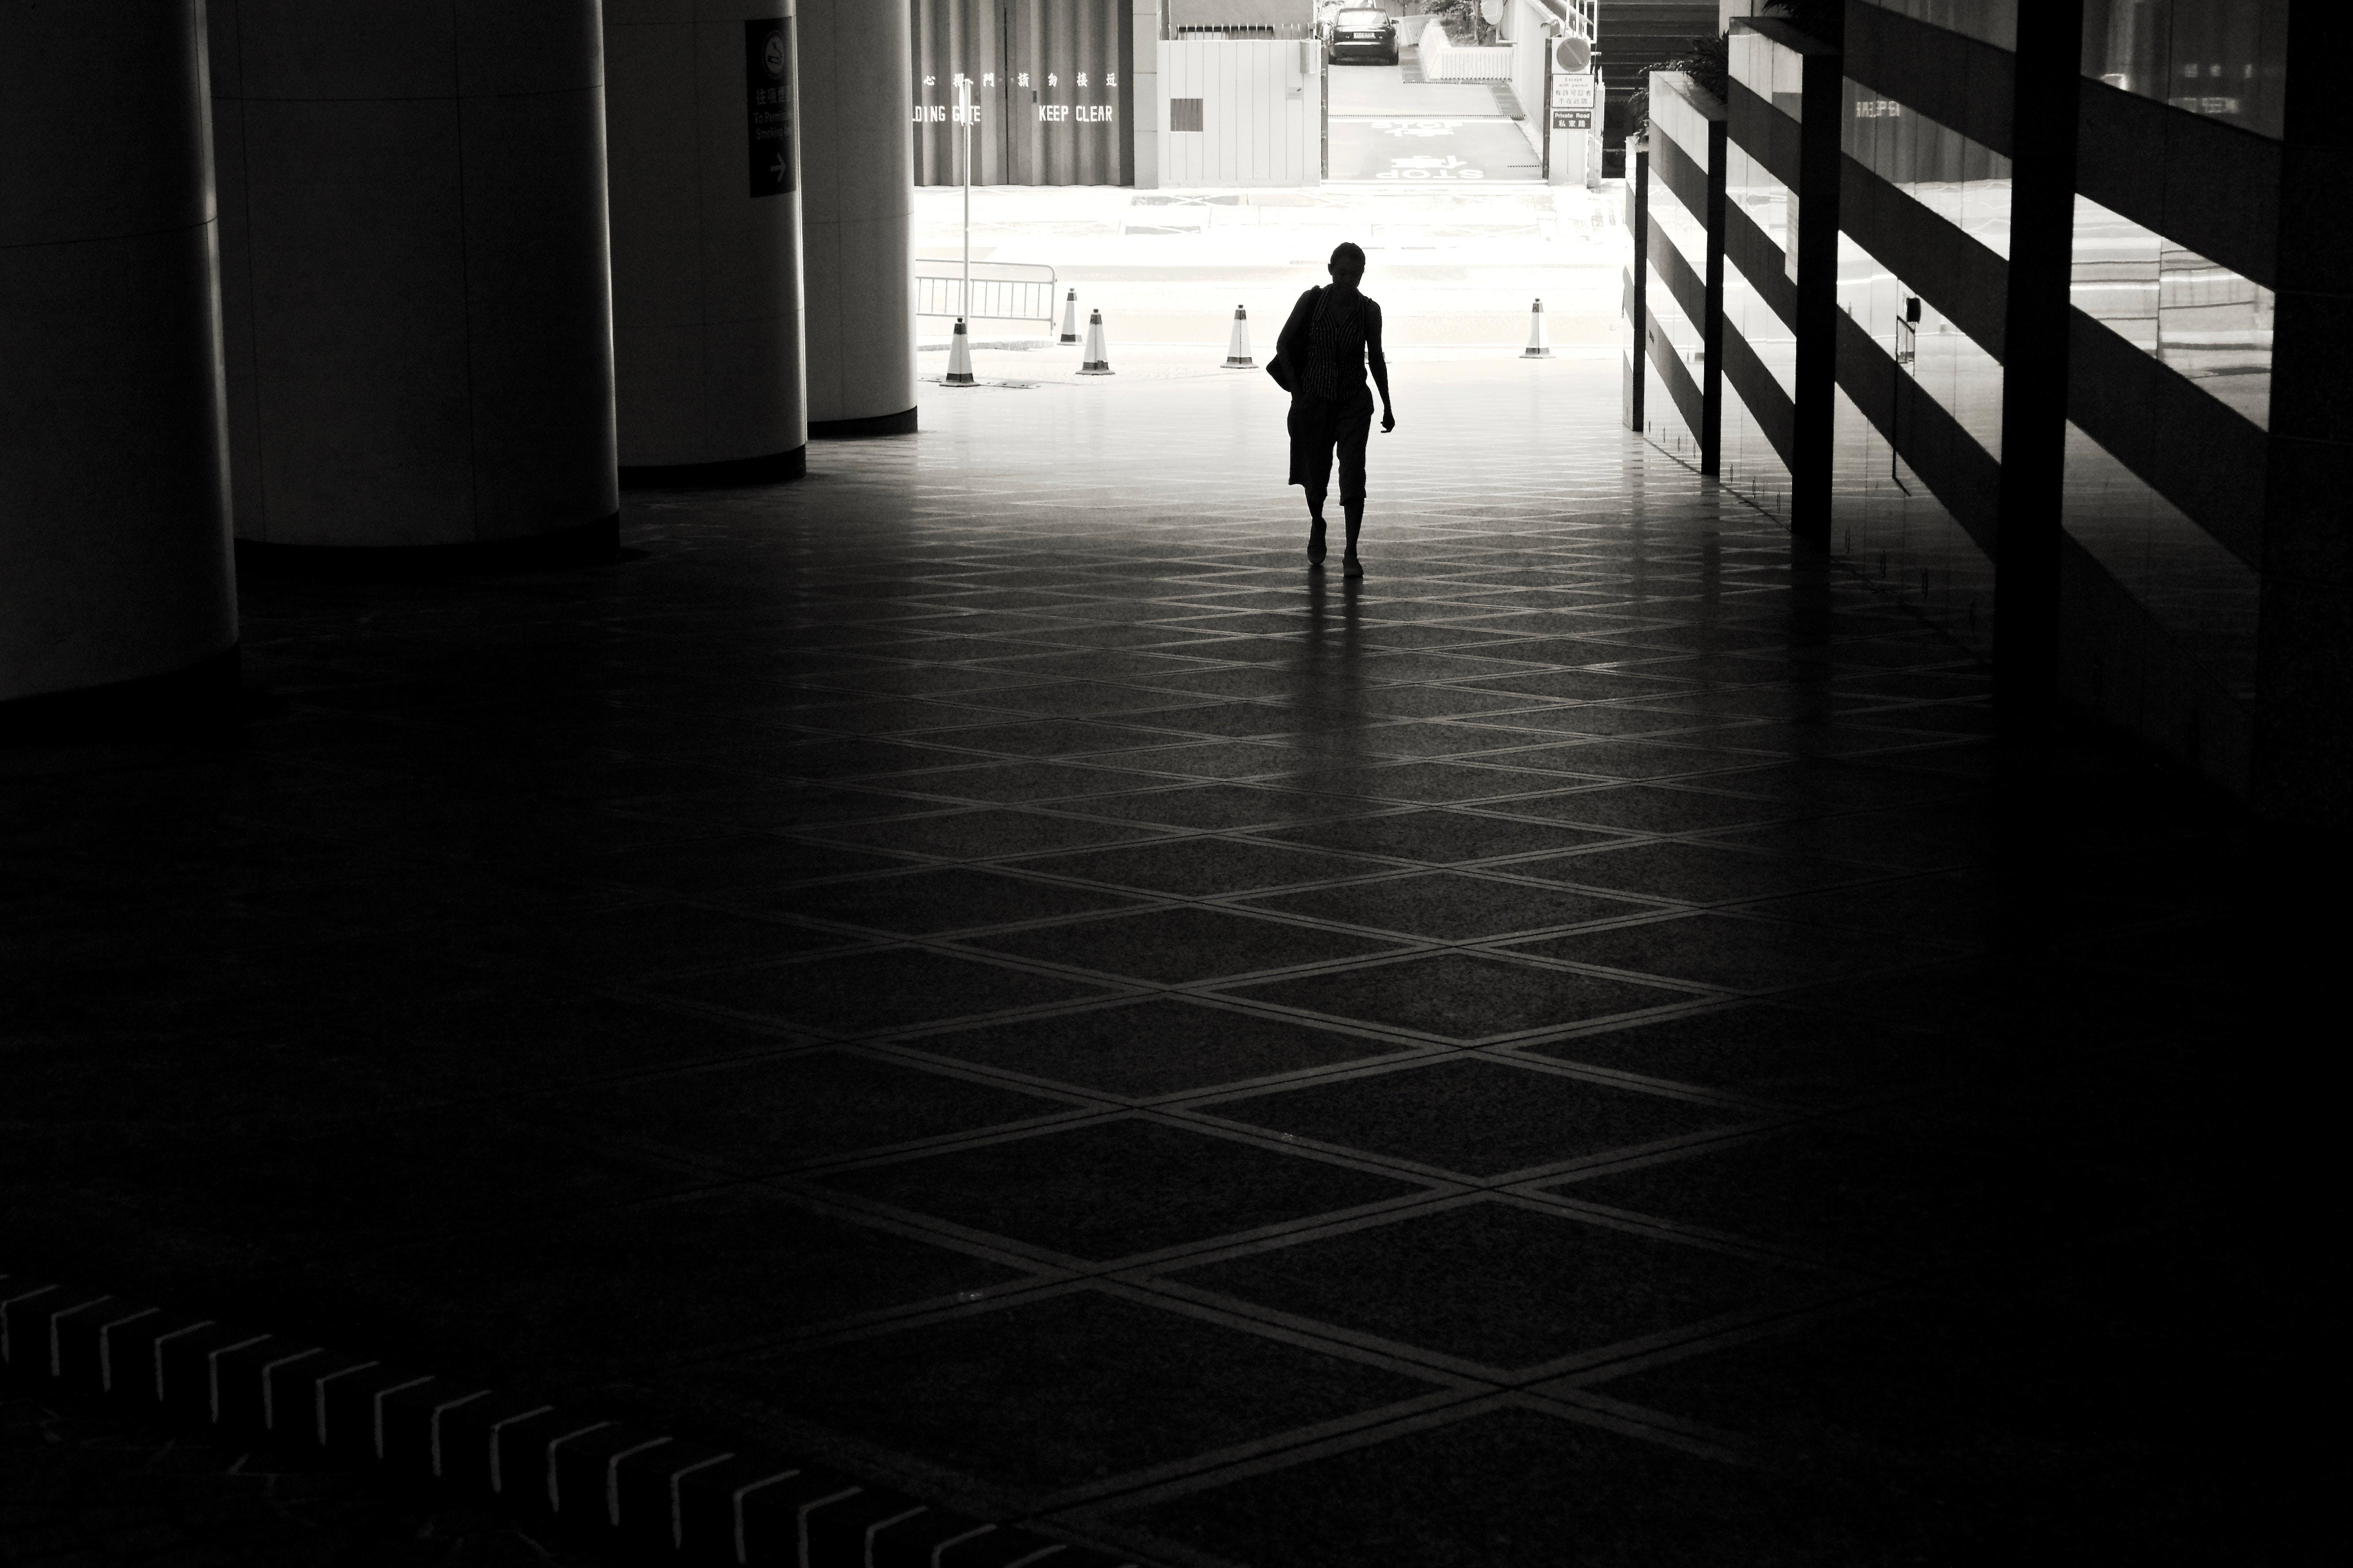 man walking on hallway taken during daytime